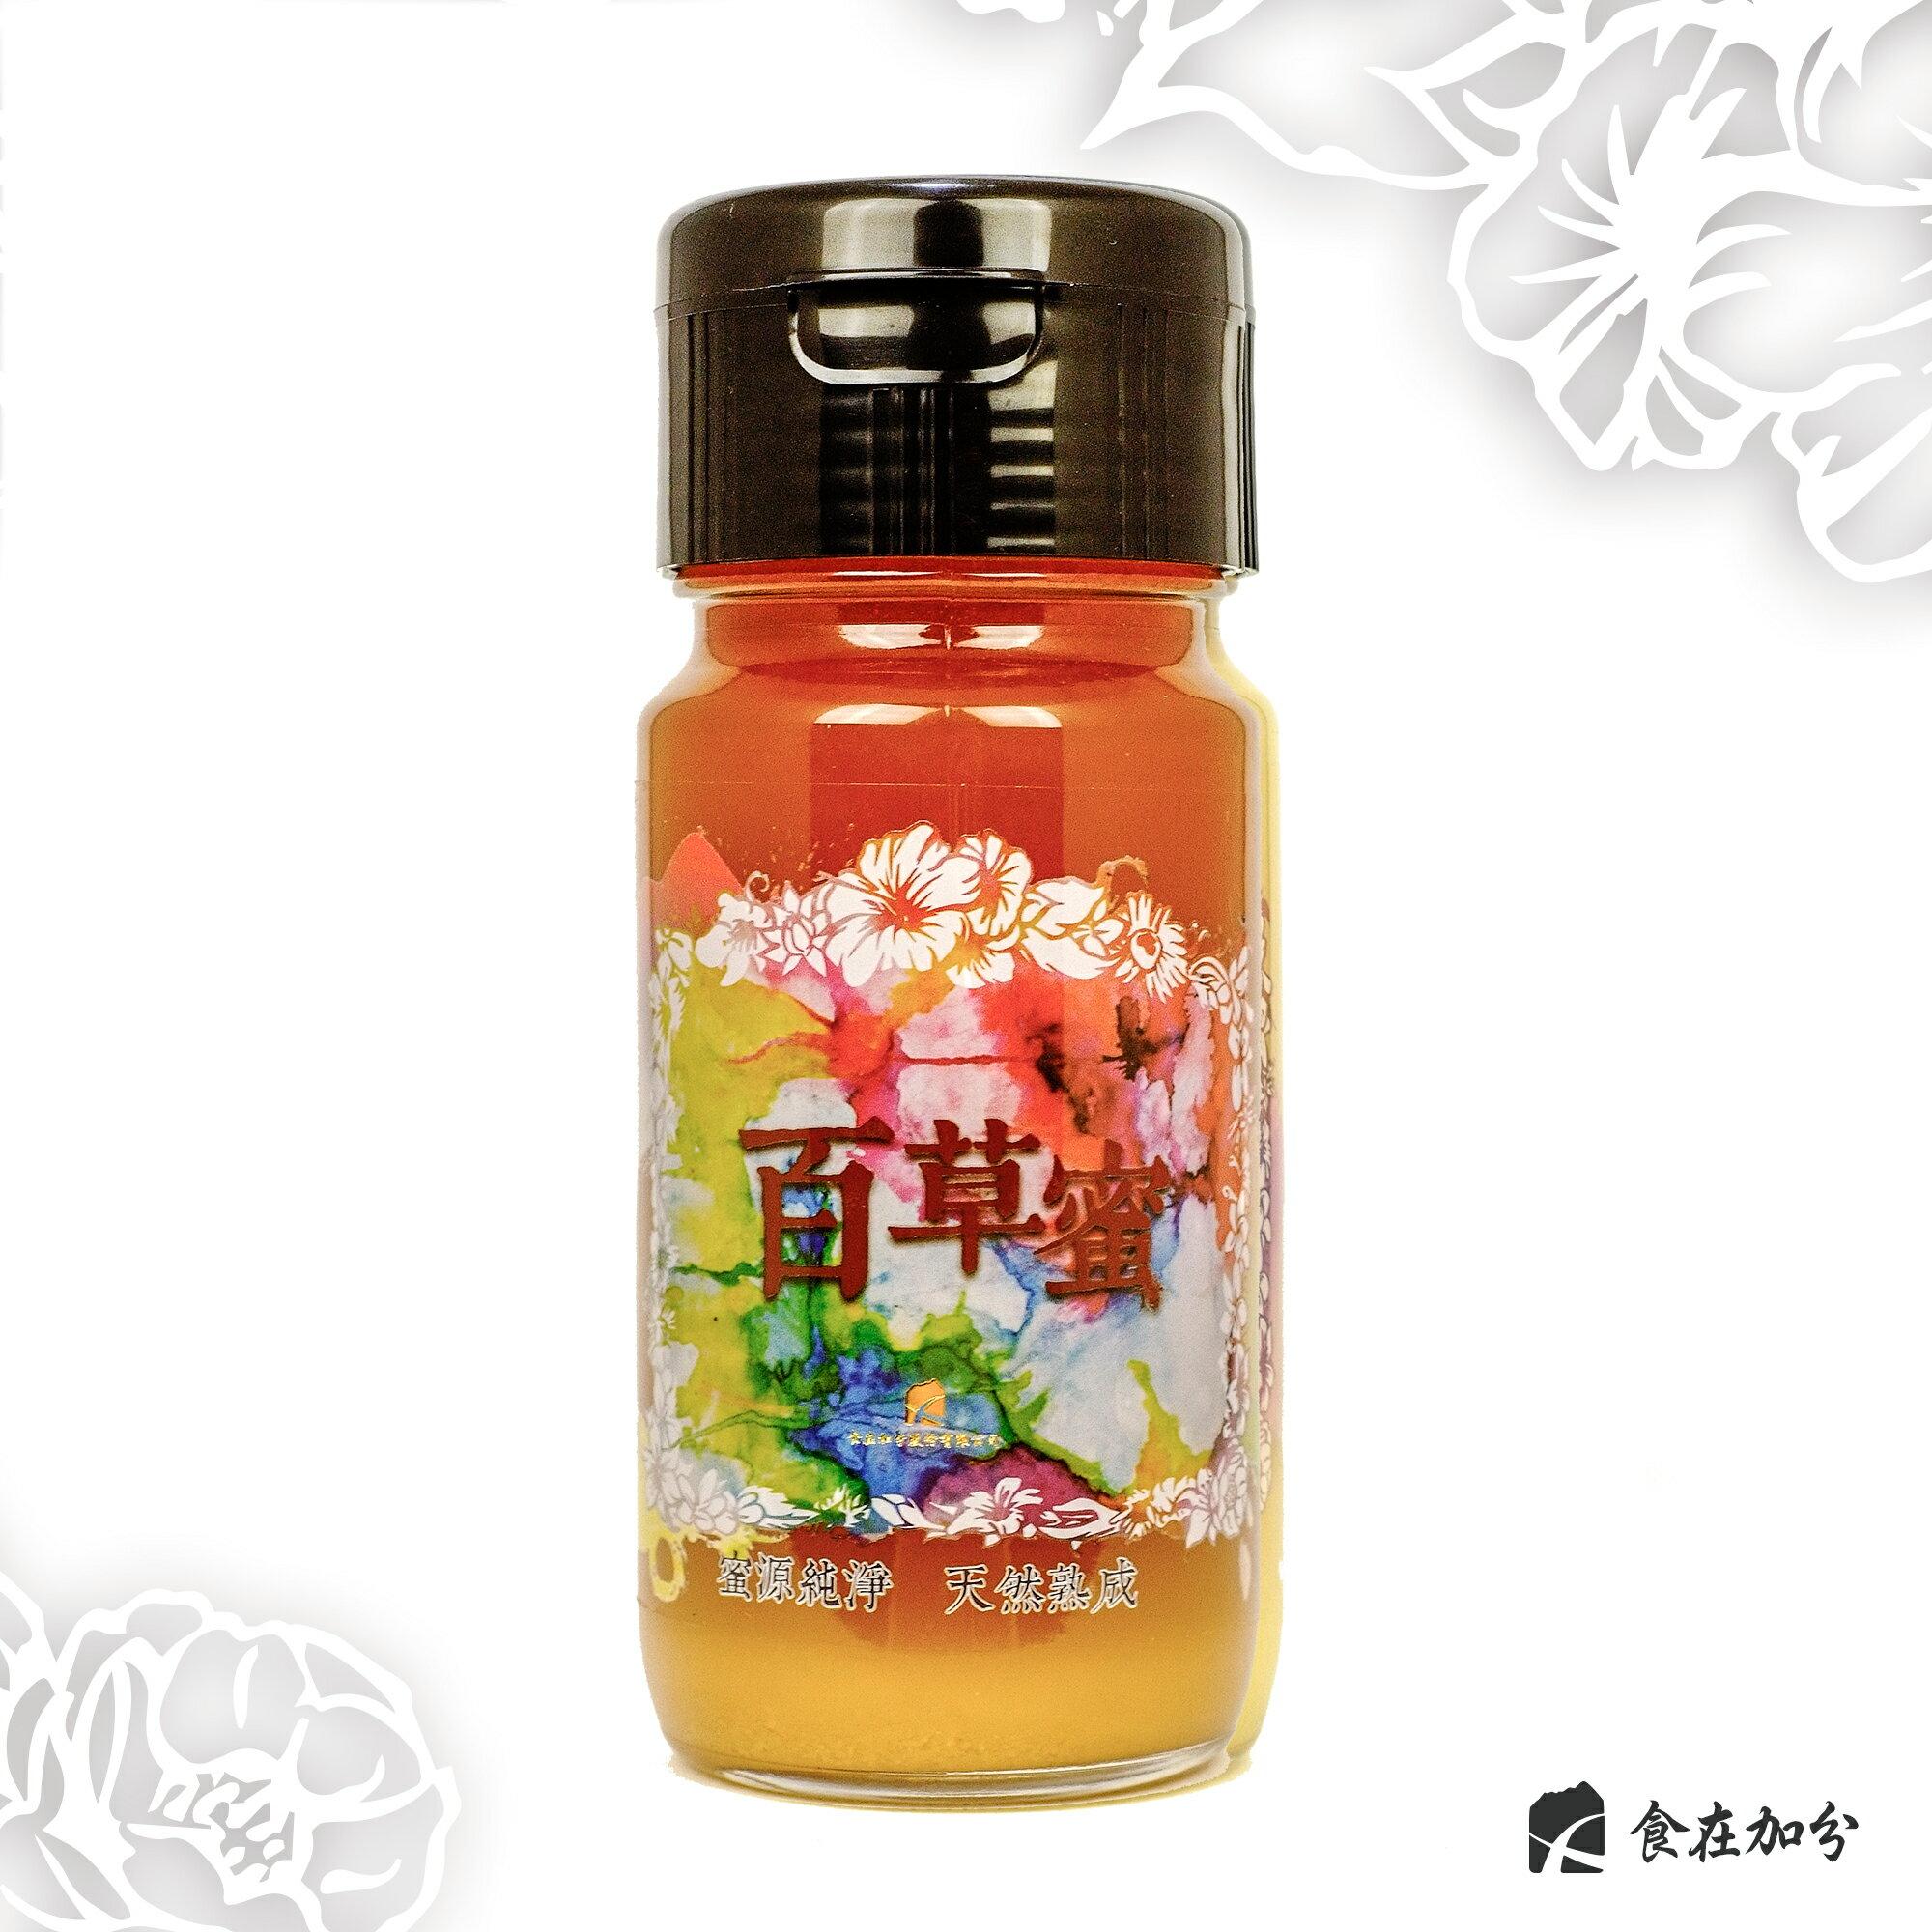 【食在加分】百草蜜  ~ 蜜源純淨 天然熟成 ~ / 750g 0